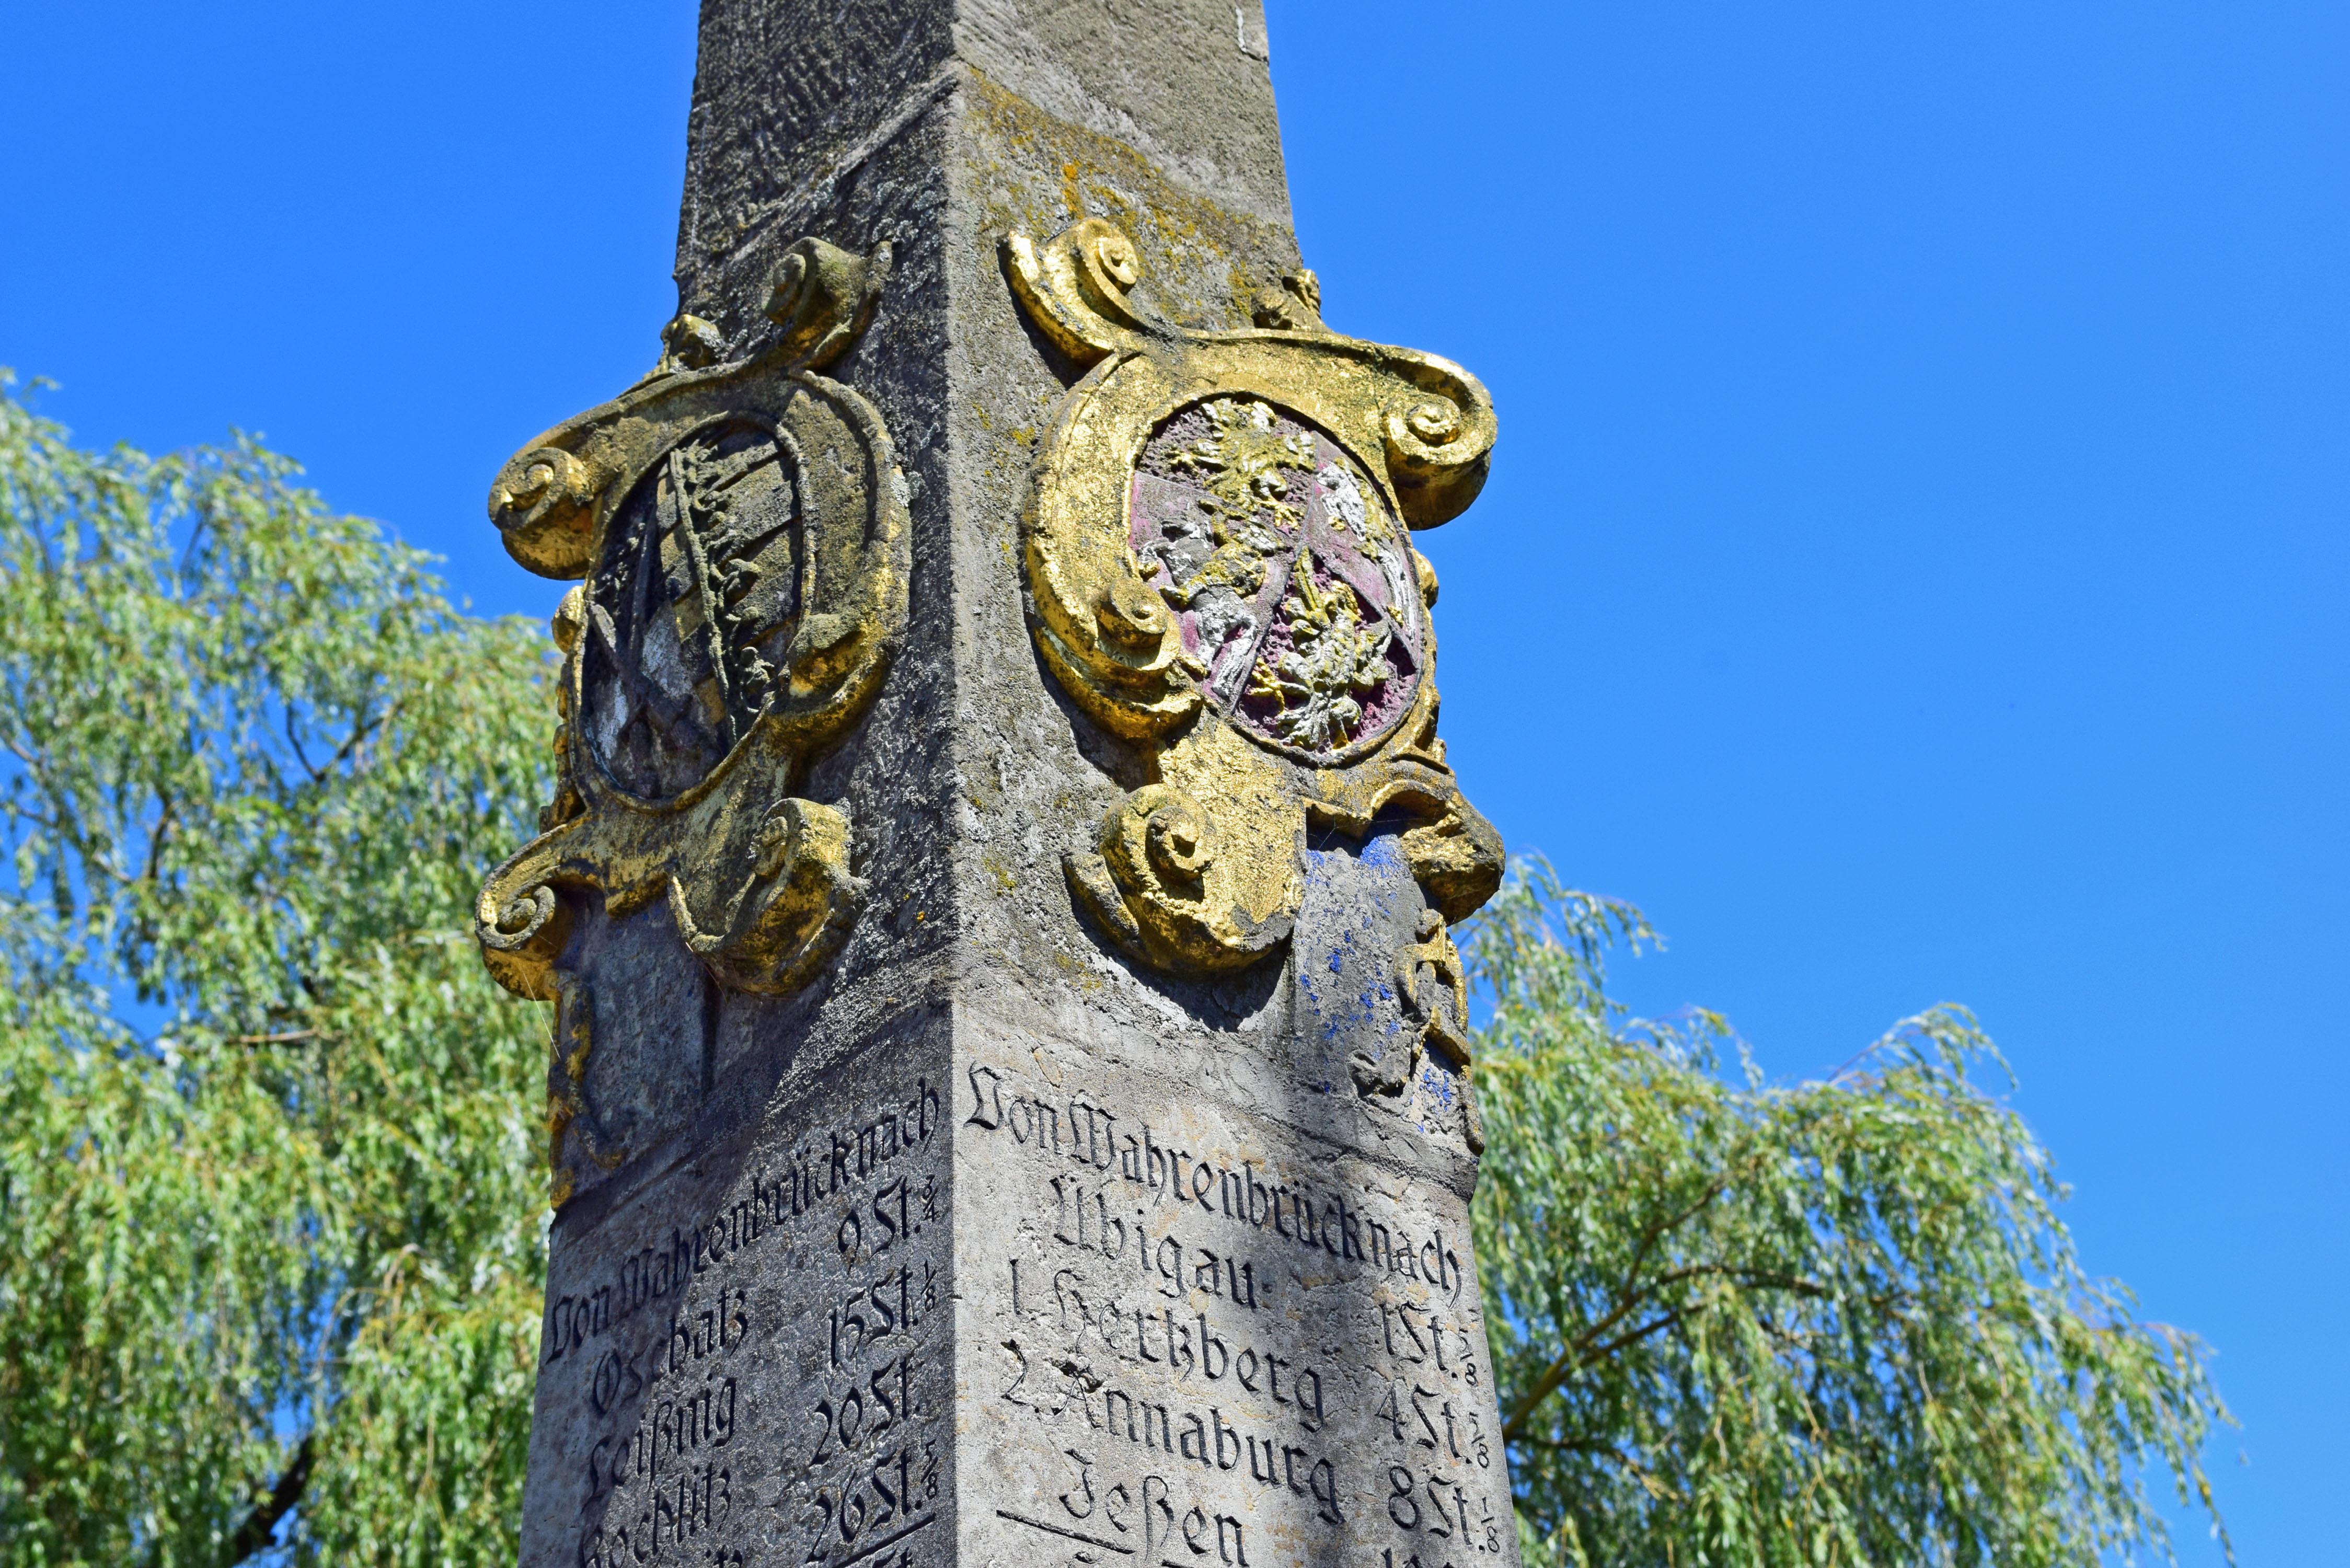 Sächsische Postmeilensäule aus dem Jahre 1703 in Wahrenbrück, Landkreis Elbe Elster in Brandenburg, mit kurfürstlichem Wappen, besucht bei einer Motorradtour zu Architektur und Musik in Brandenburg